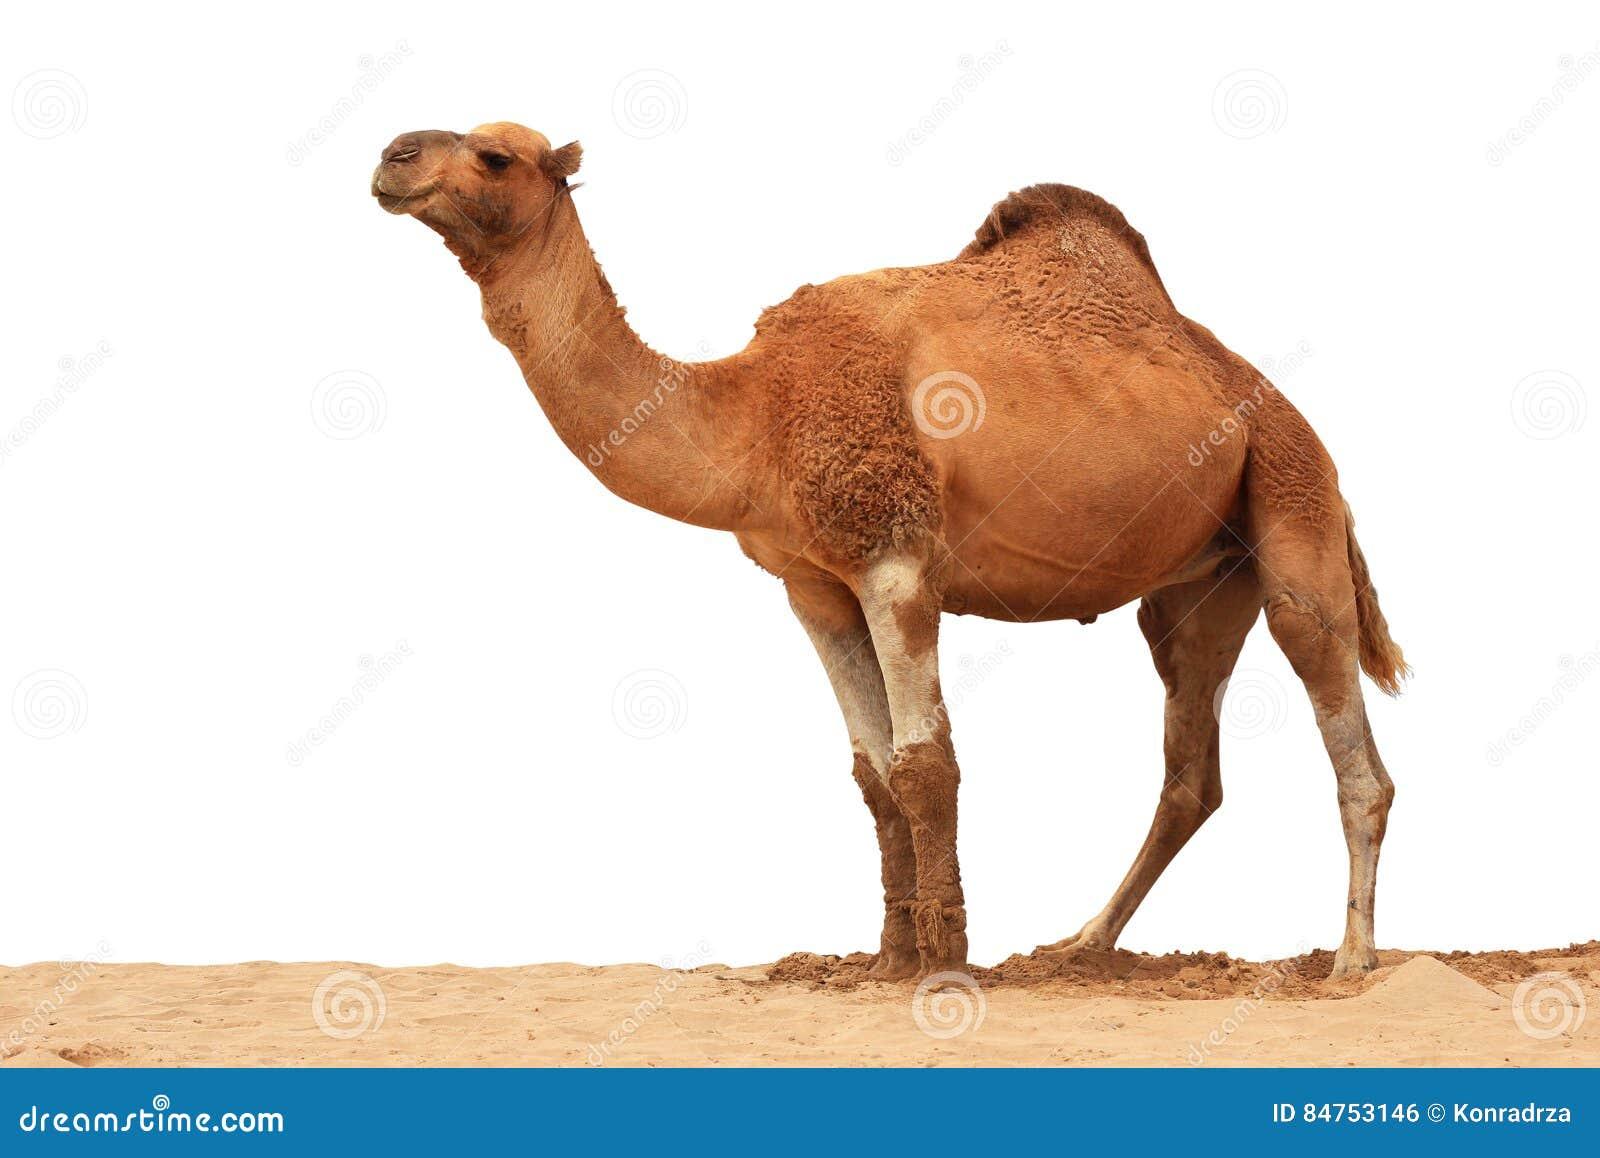 Arabski wielbłąd odizolowywający